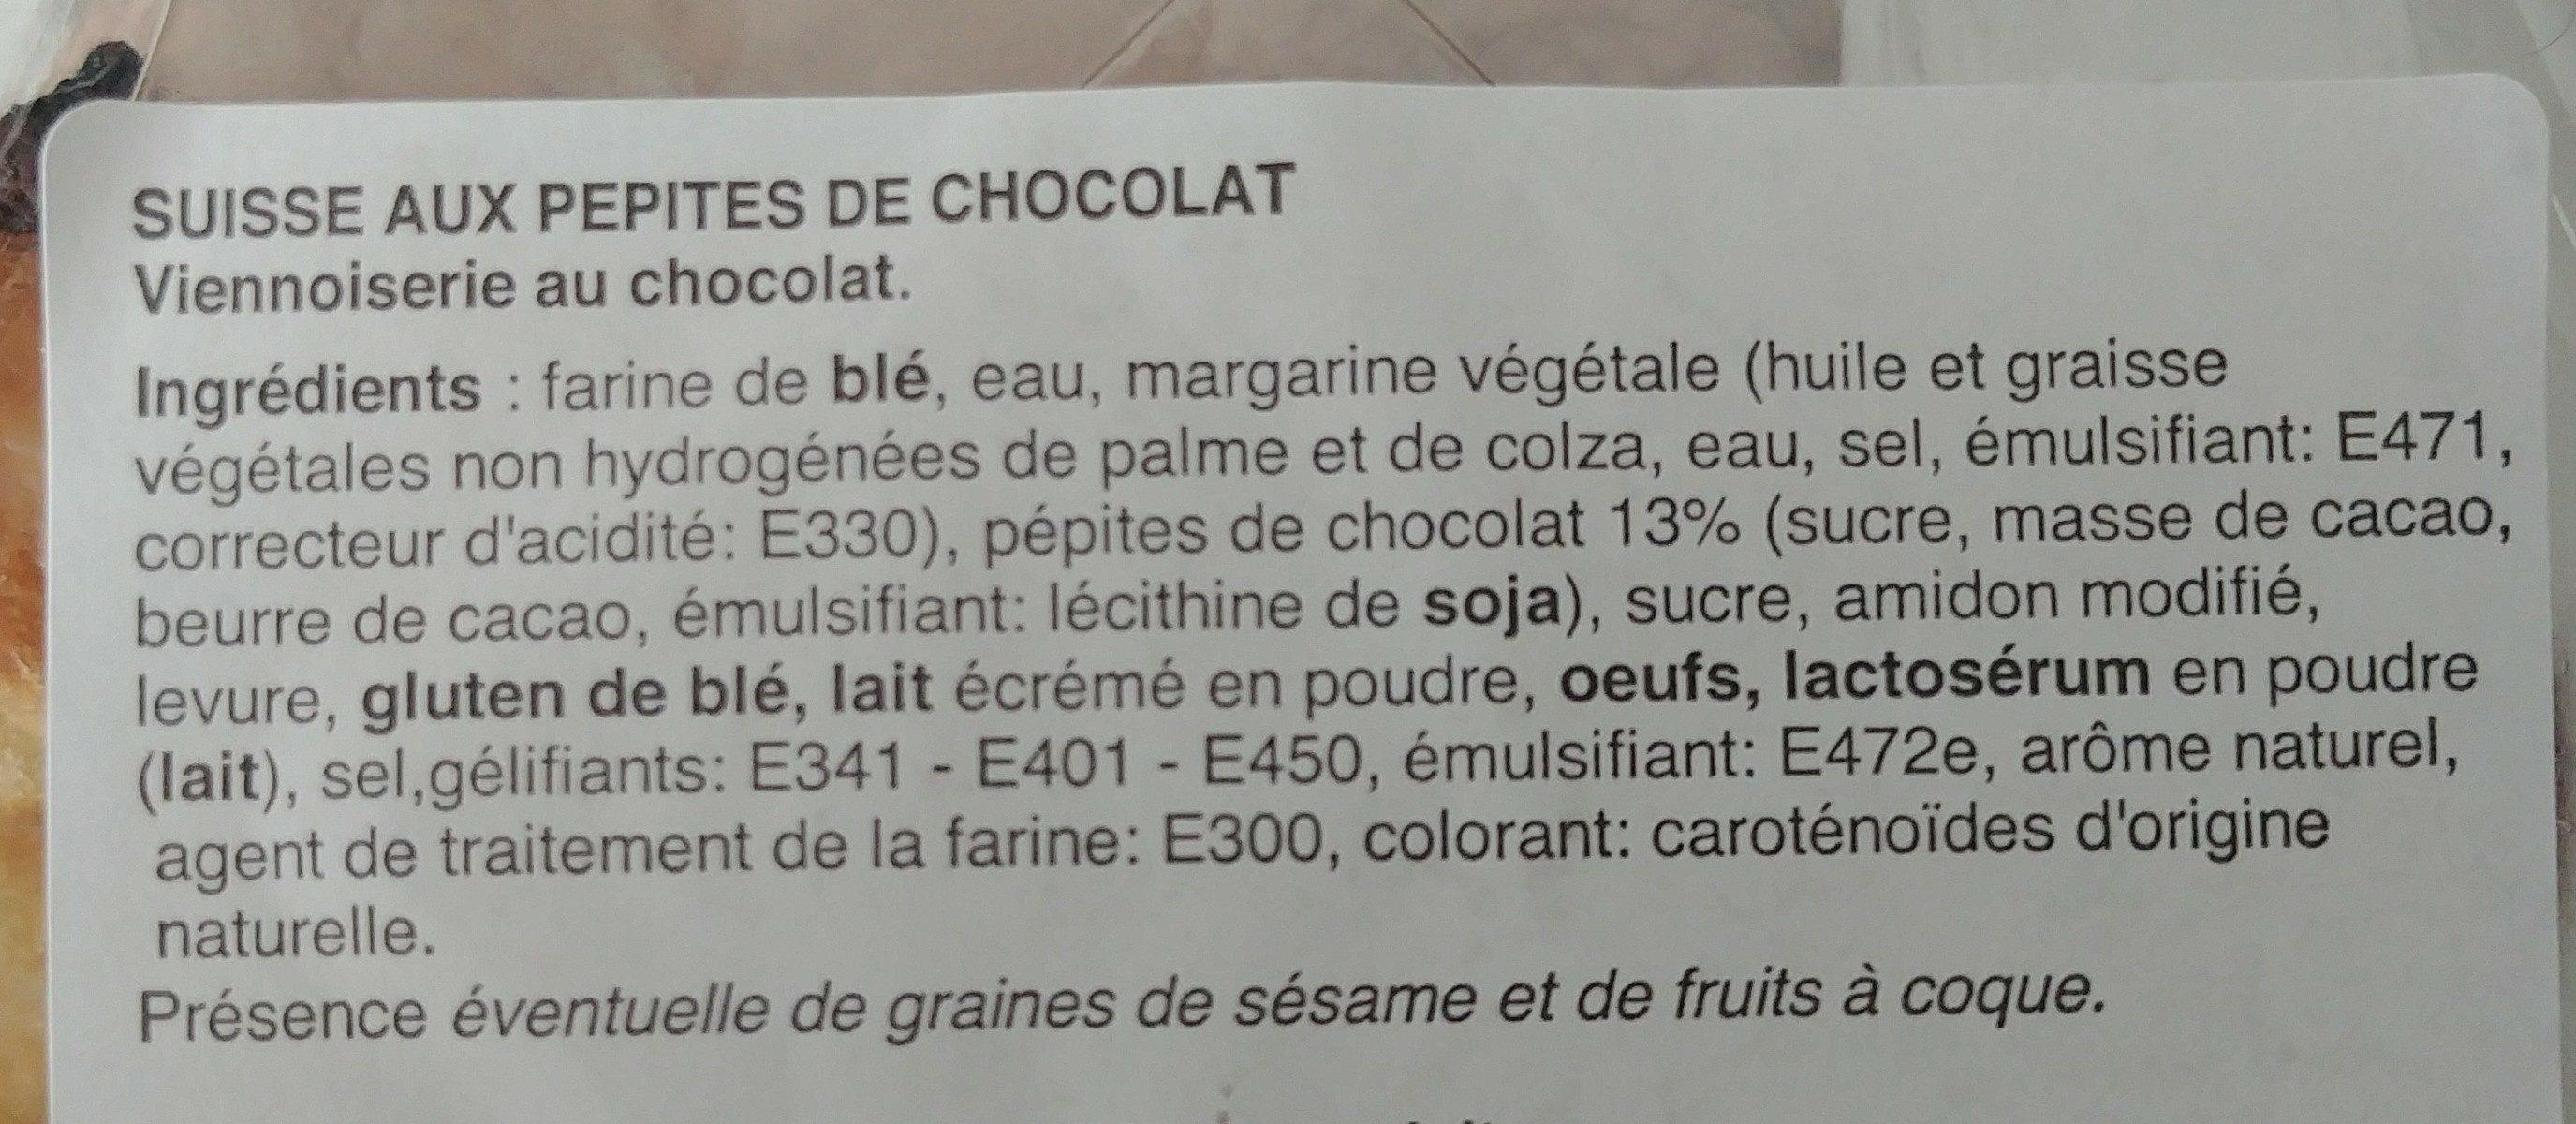 Suisse aux pépites de chocolat - Ingrédients - fr